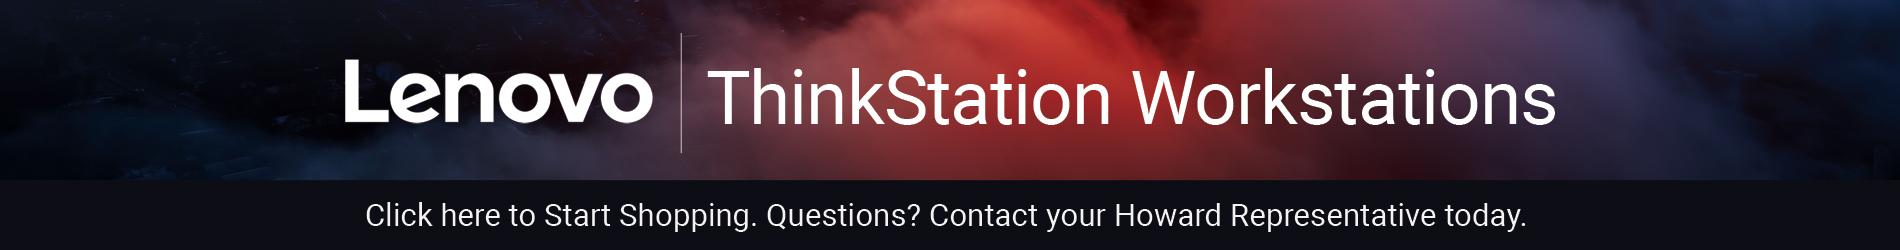 Lenovo ThinkStation Workstations - Start Shopping